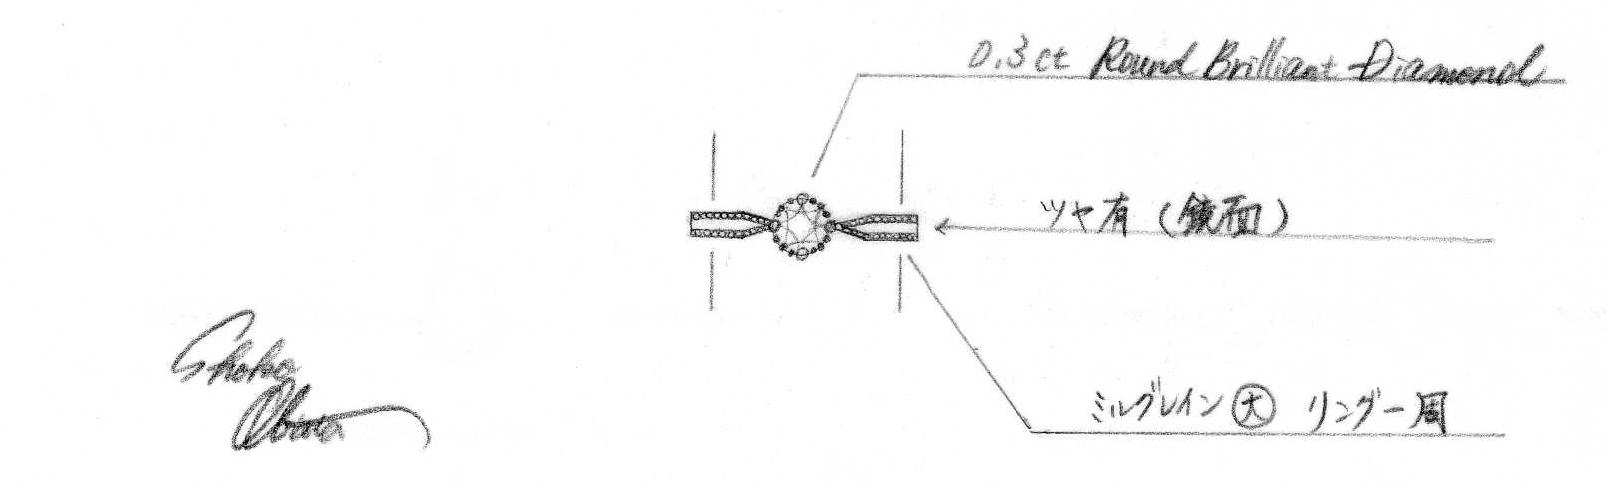 オーダーメイド婚約指輪のデザイン画